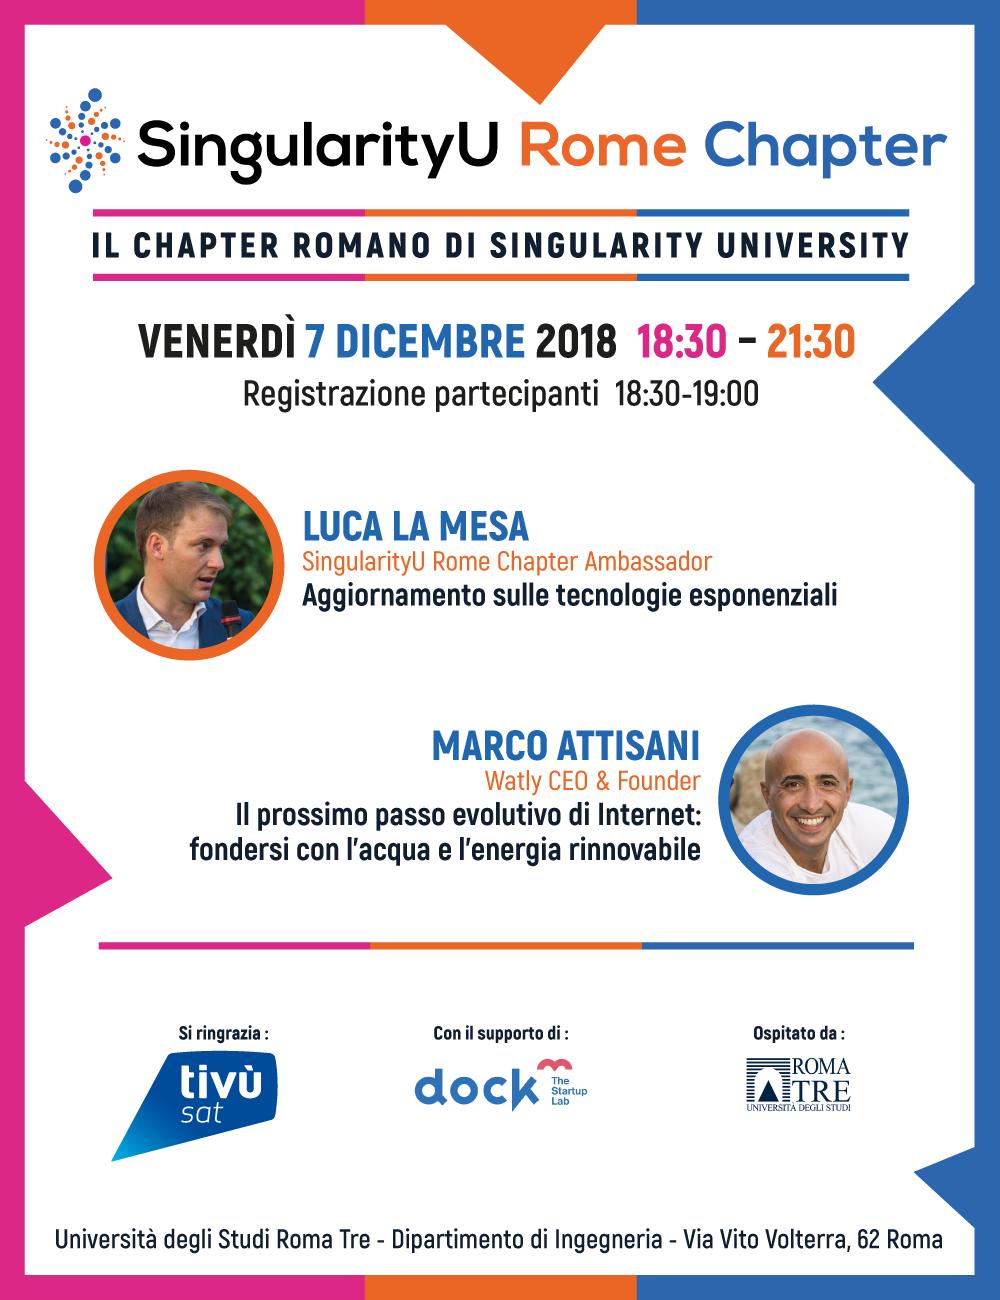 Locandina evento SingularityU Rome Chapter